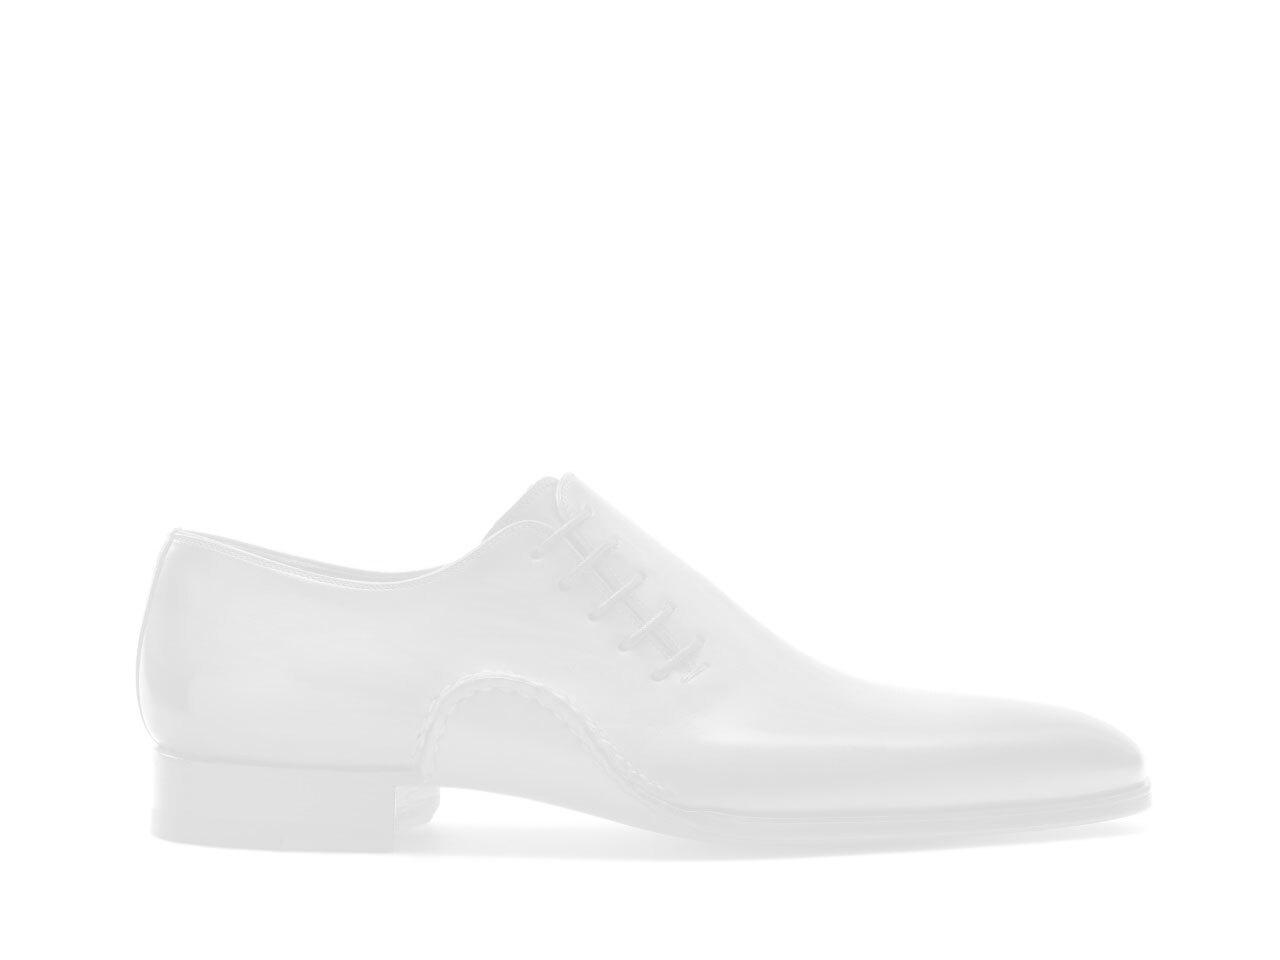 Pair of the Magnanni Herrera Cuero Men's Loafers